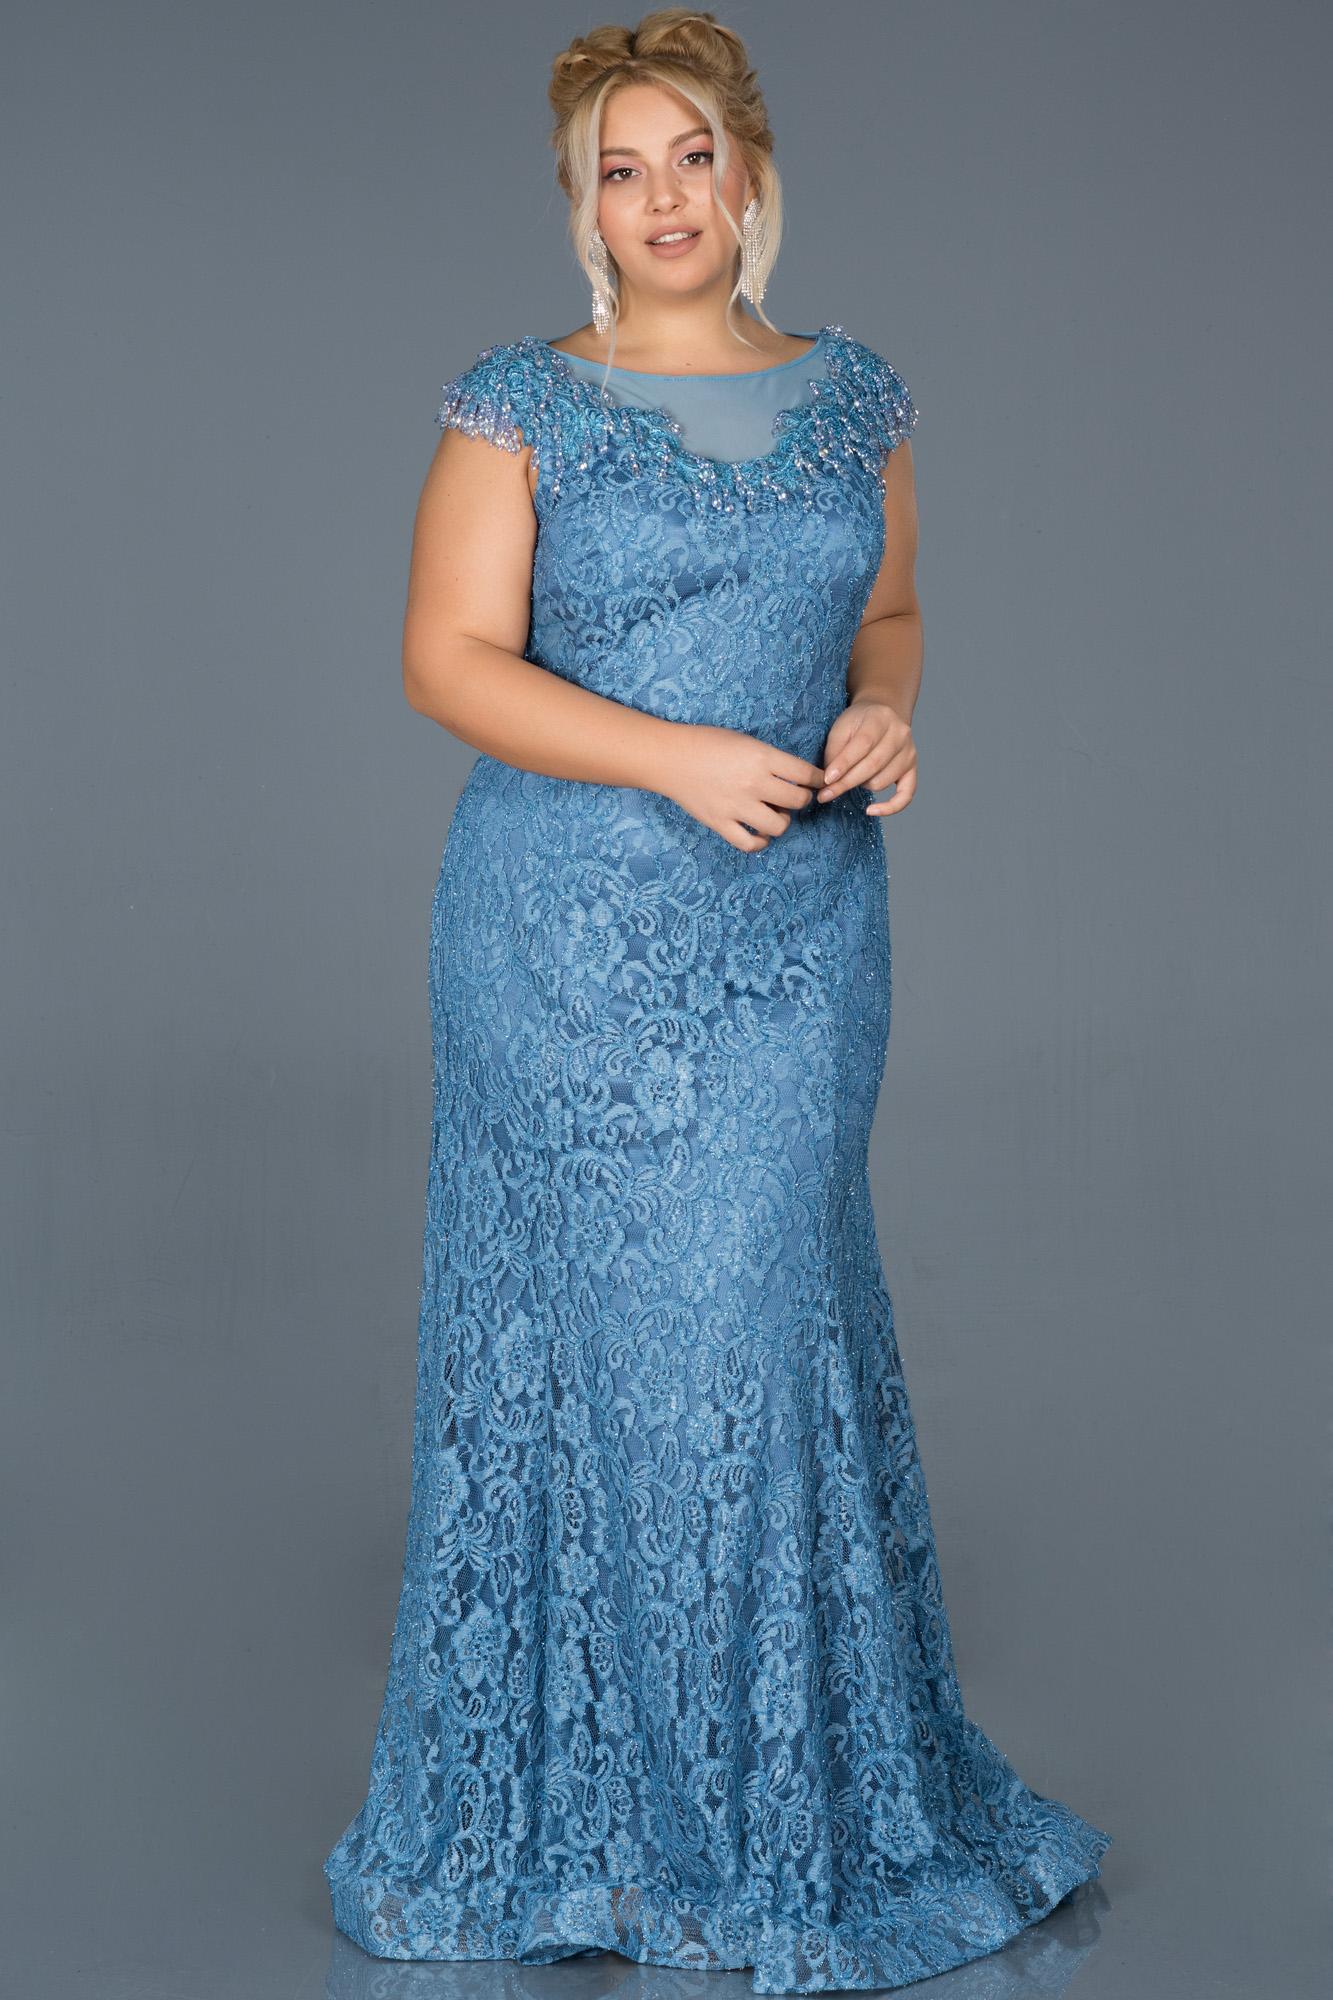 Indigo Güpürlü Taş Işlemeli Büyük Beden Nişan Elbisesi